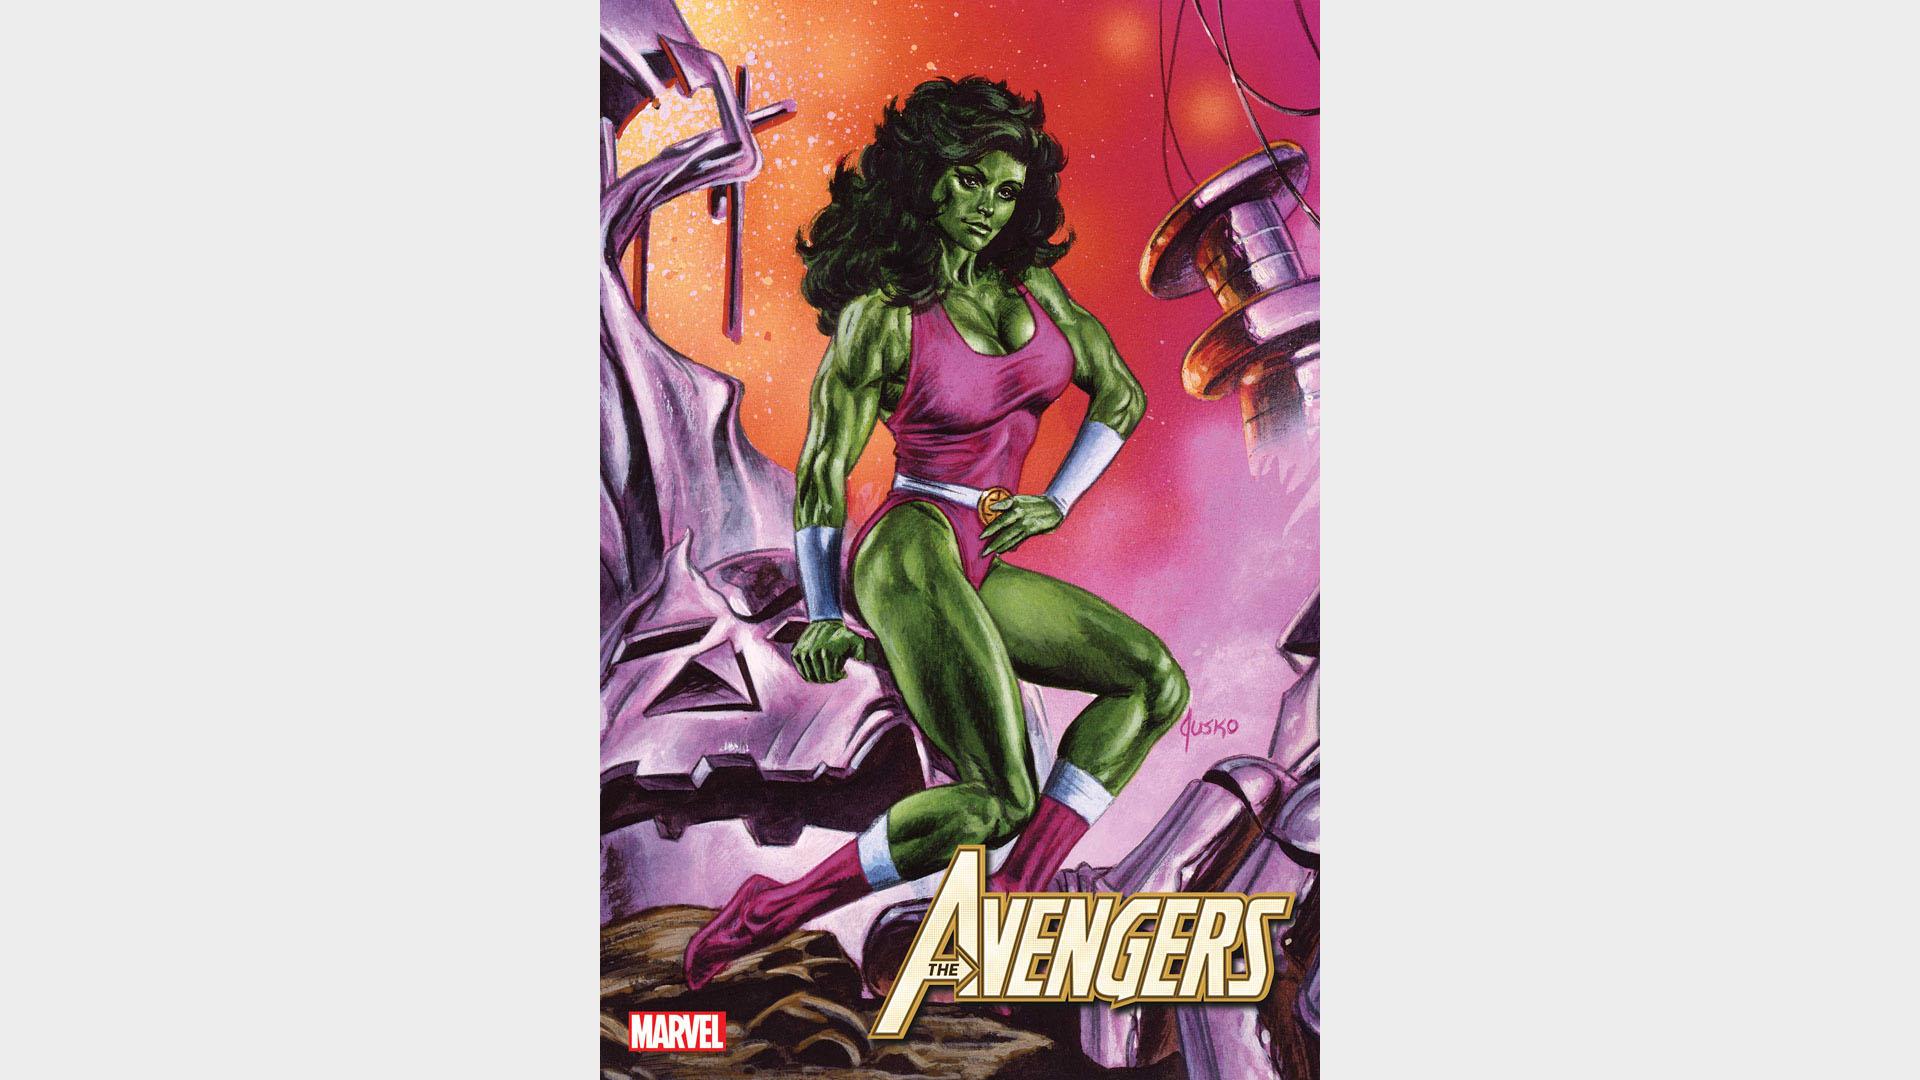 Marvel Comics October 2021 solicitations